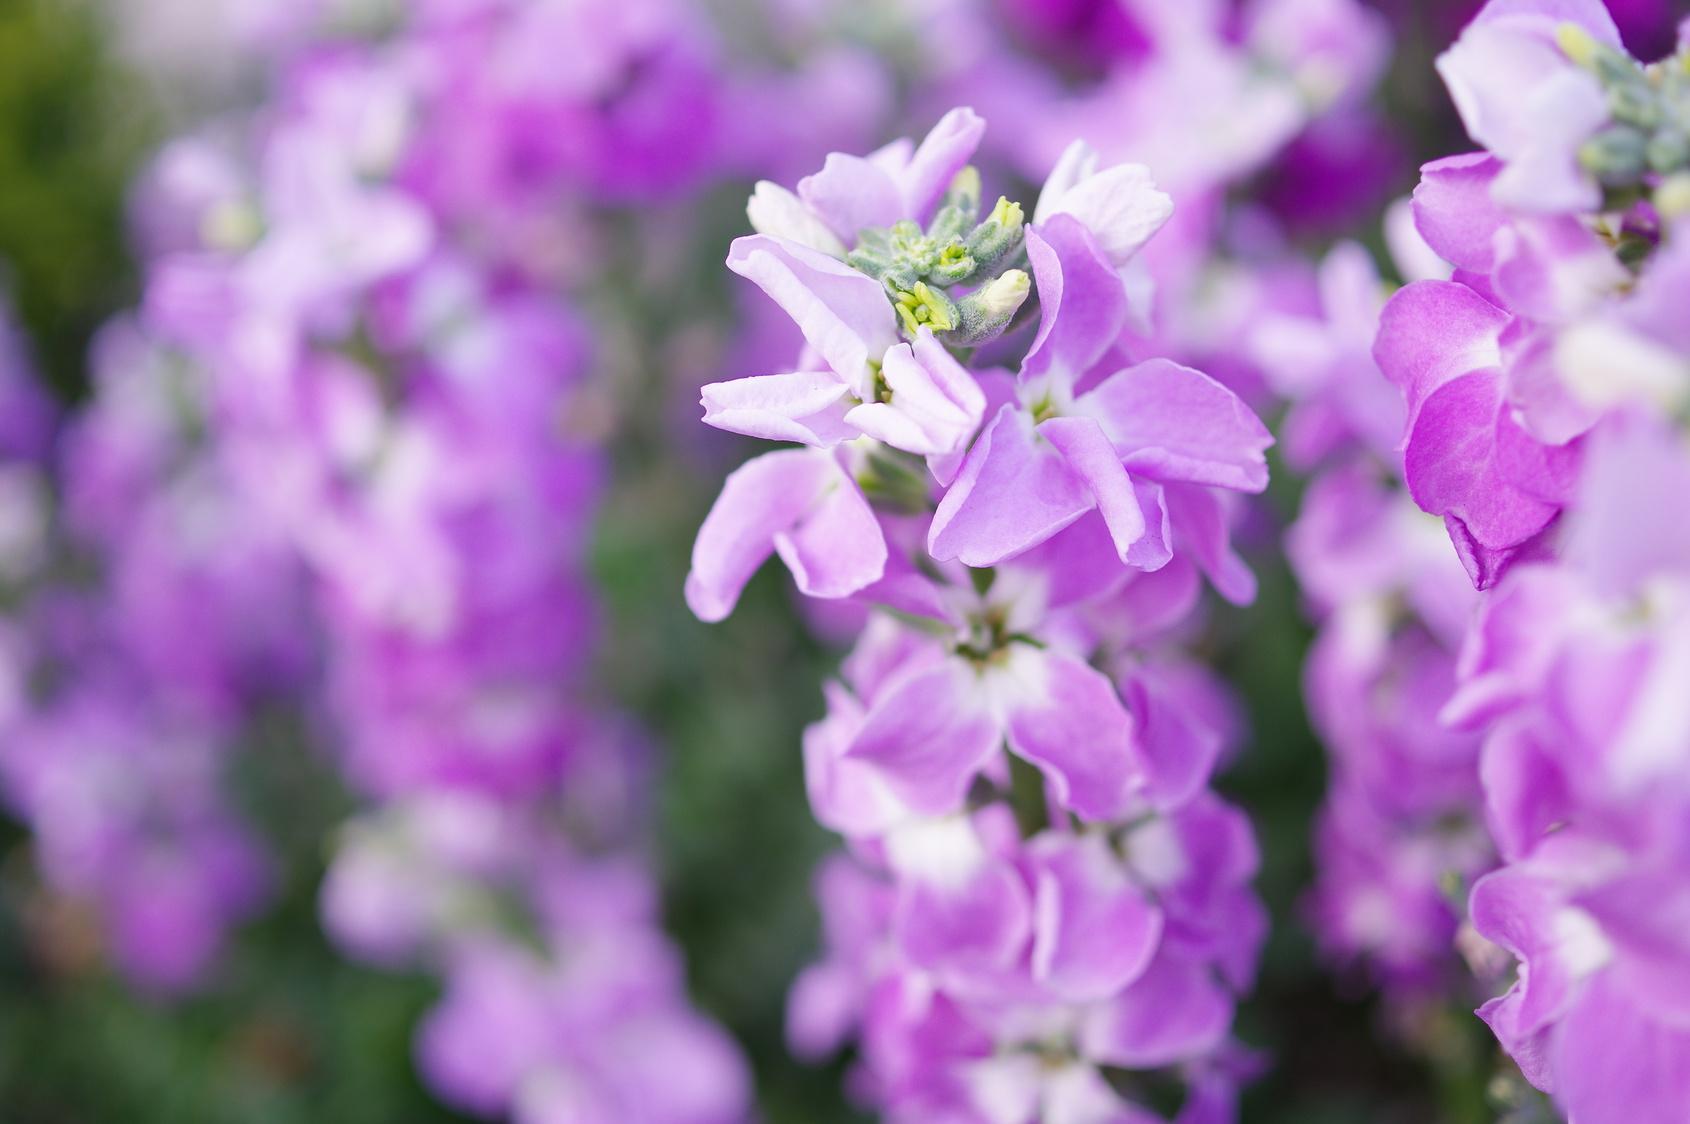 pachnące kwiaty maciejka